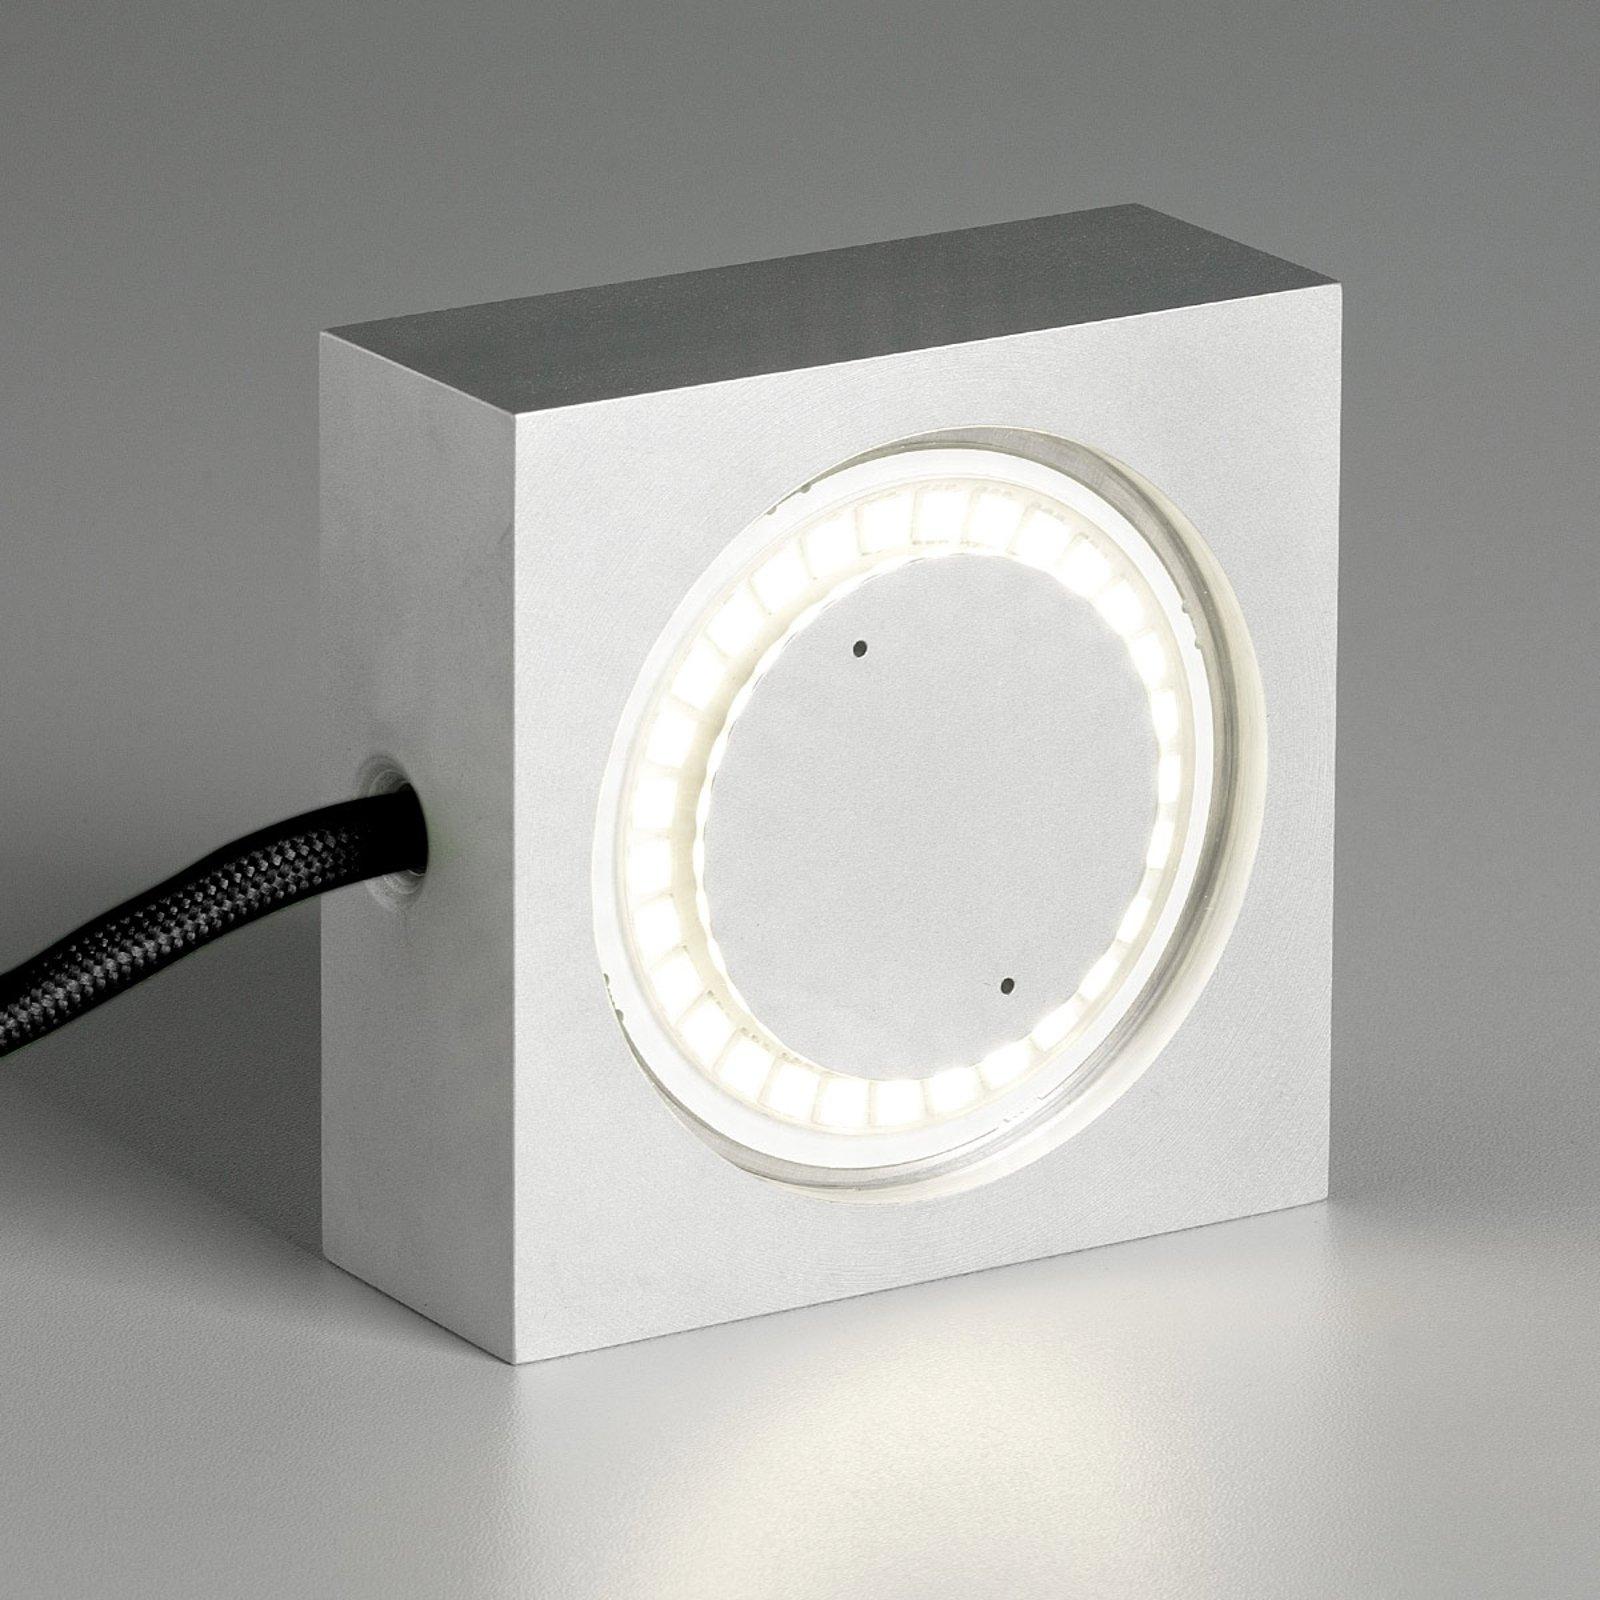 LED-flerbrukslampe Square,svart tilkoblingsledning